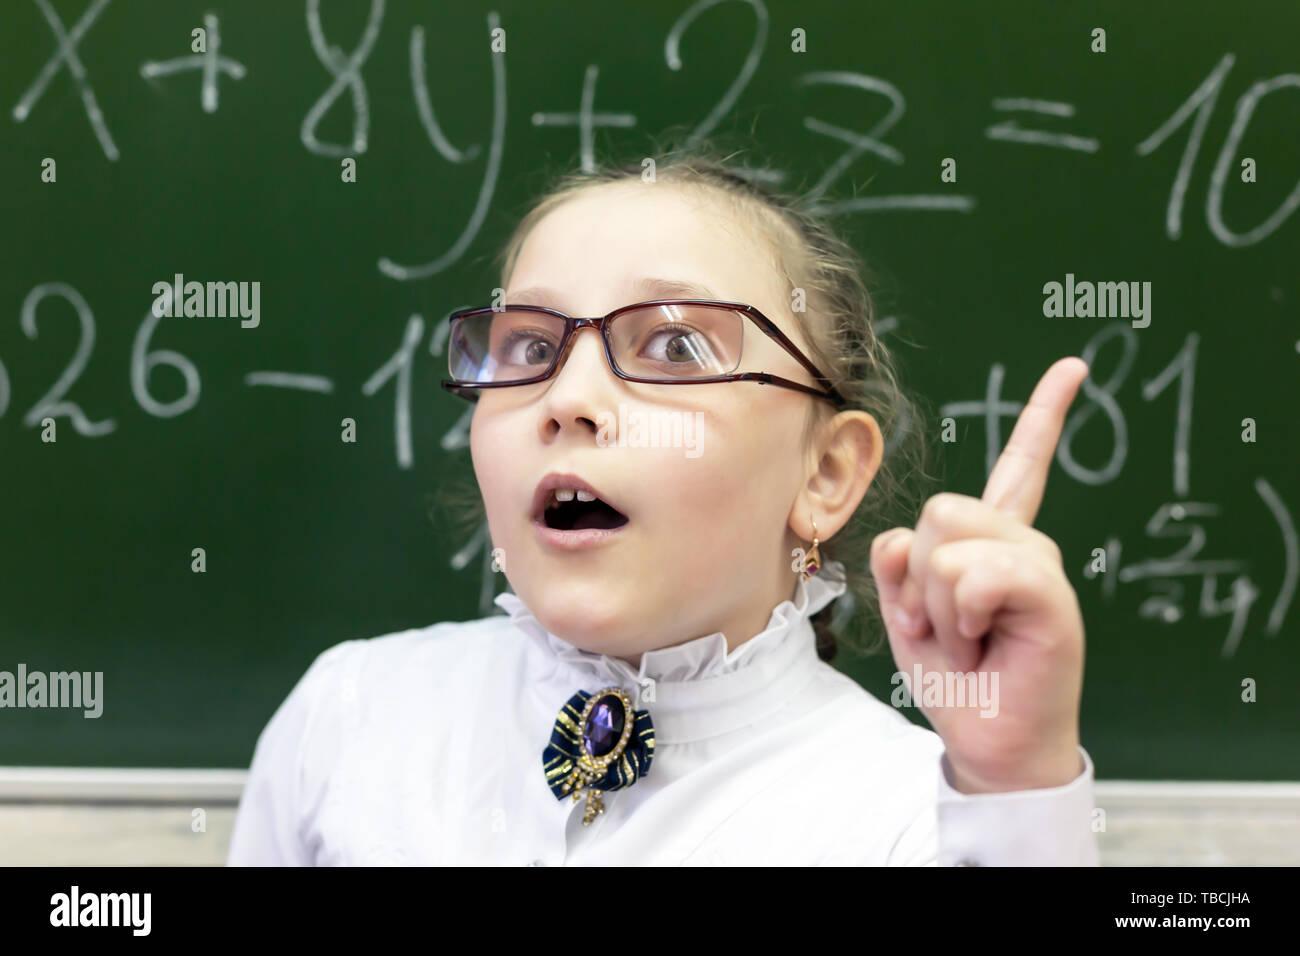 d1732843d5 Estudiante adolescente en grandes gafas de visión deficiente levantado el  dedo índice. Tengo una idea